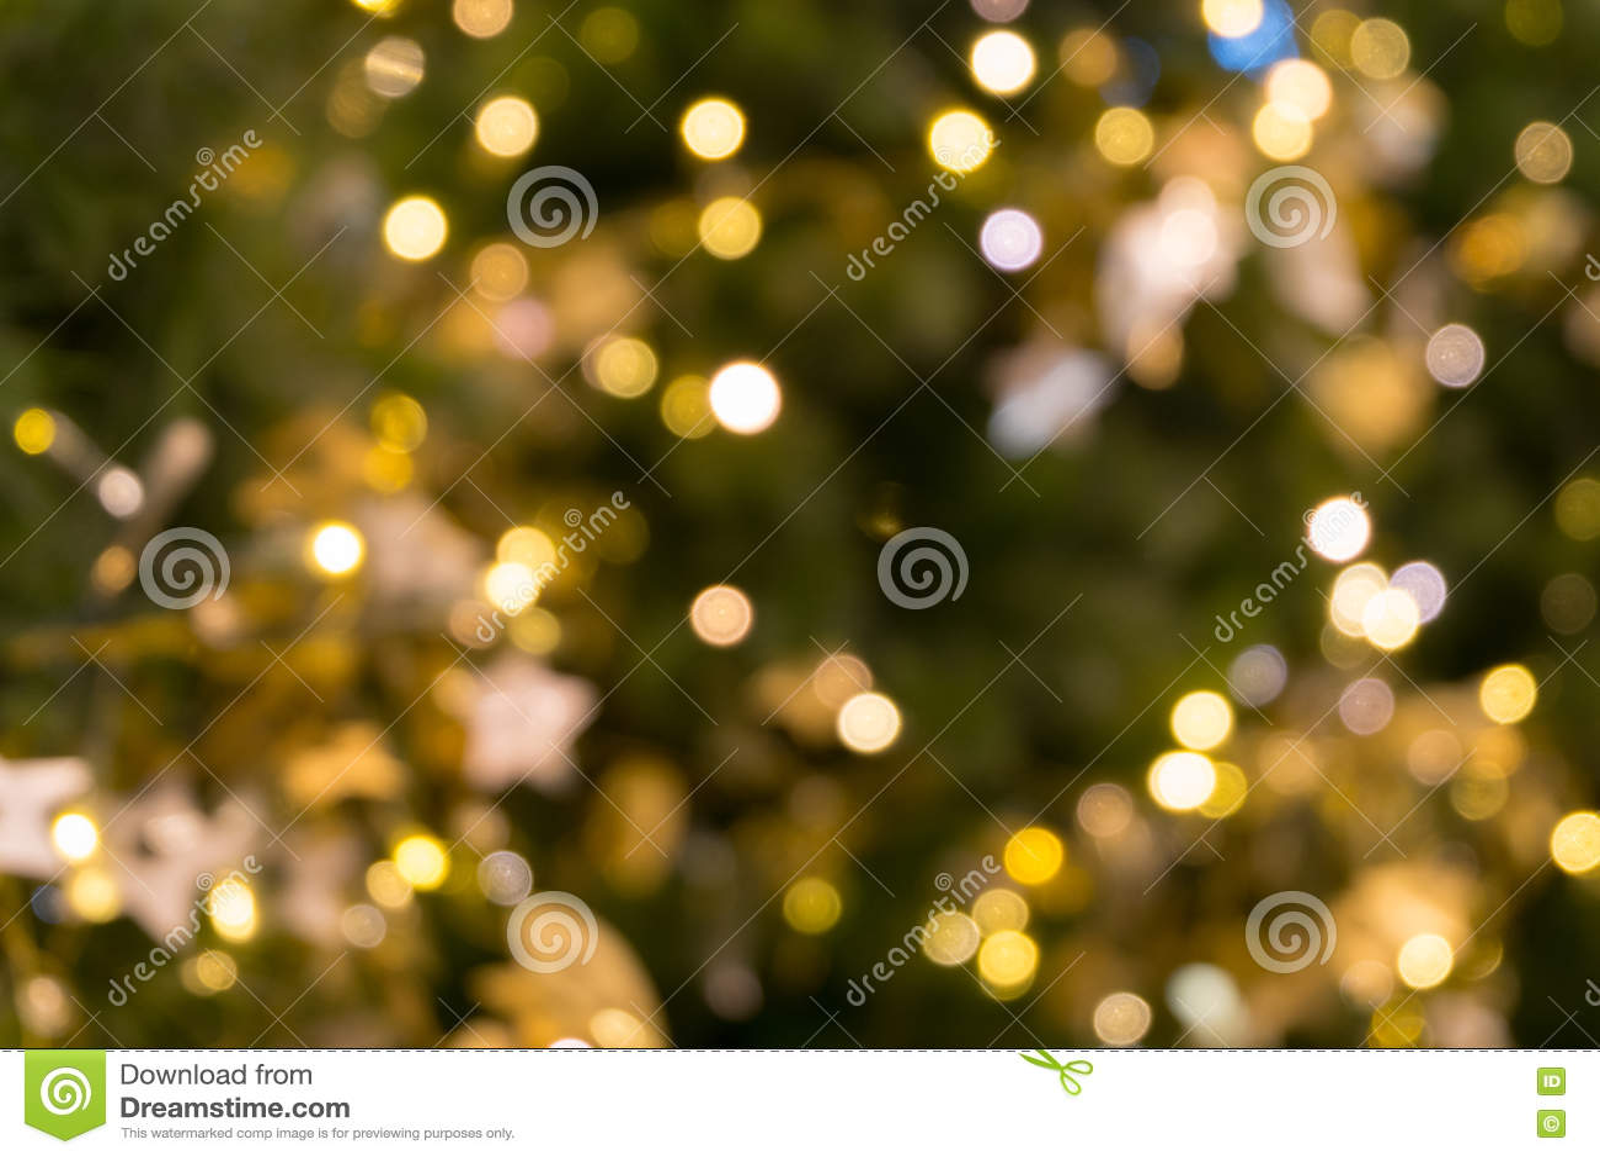 Choinki bokeh światło w zielonym żółtym złotym kolorze, wakacyjny abstrakcjonistyczny tło, zamazuje defocused